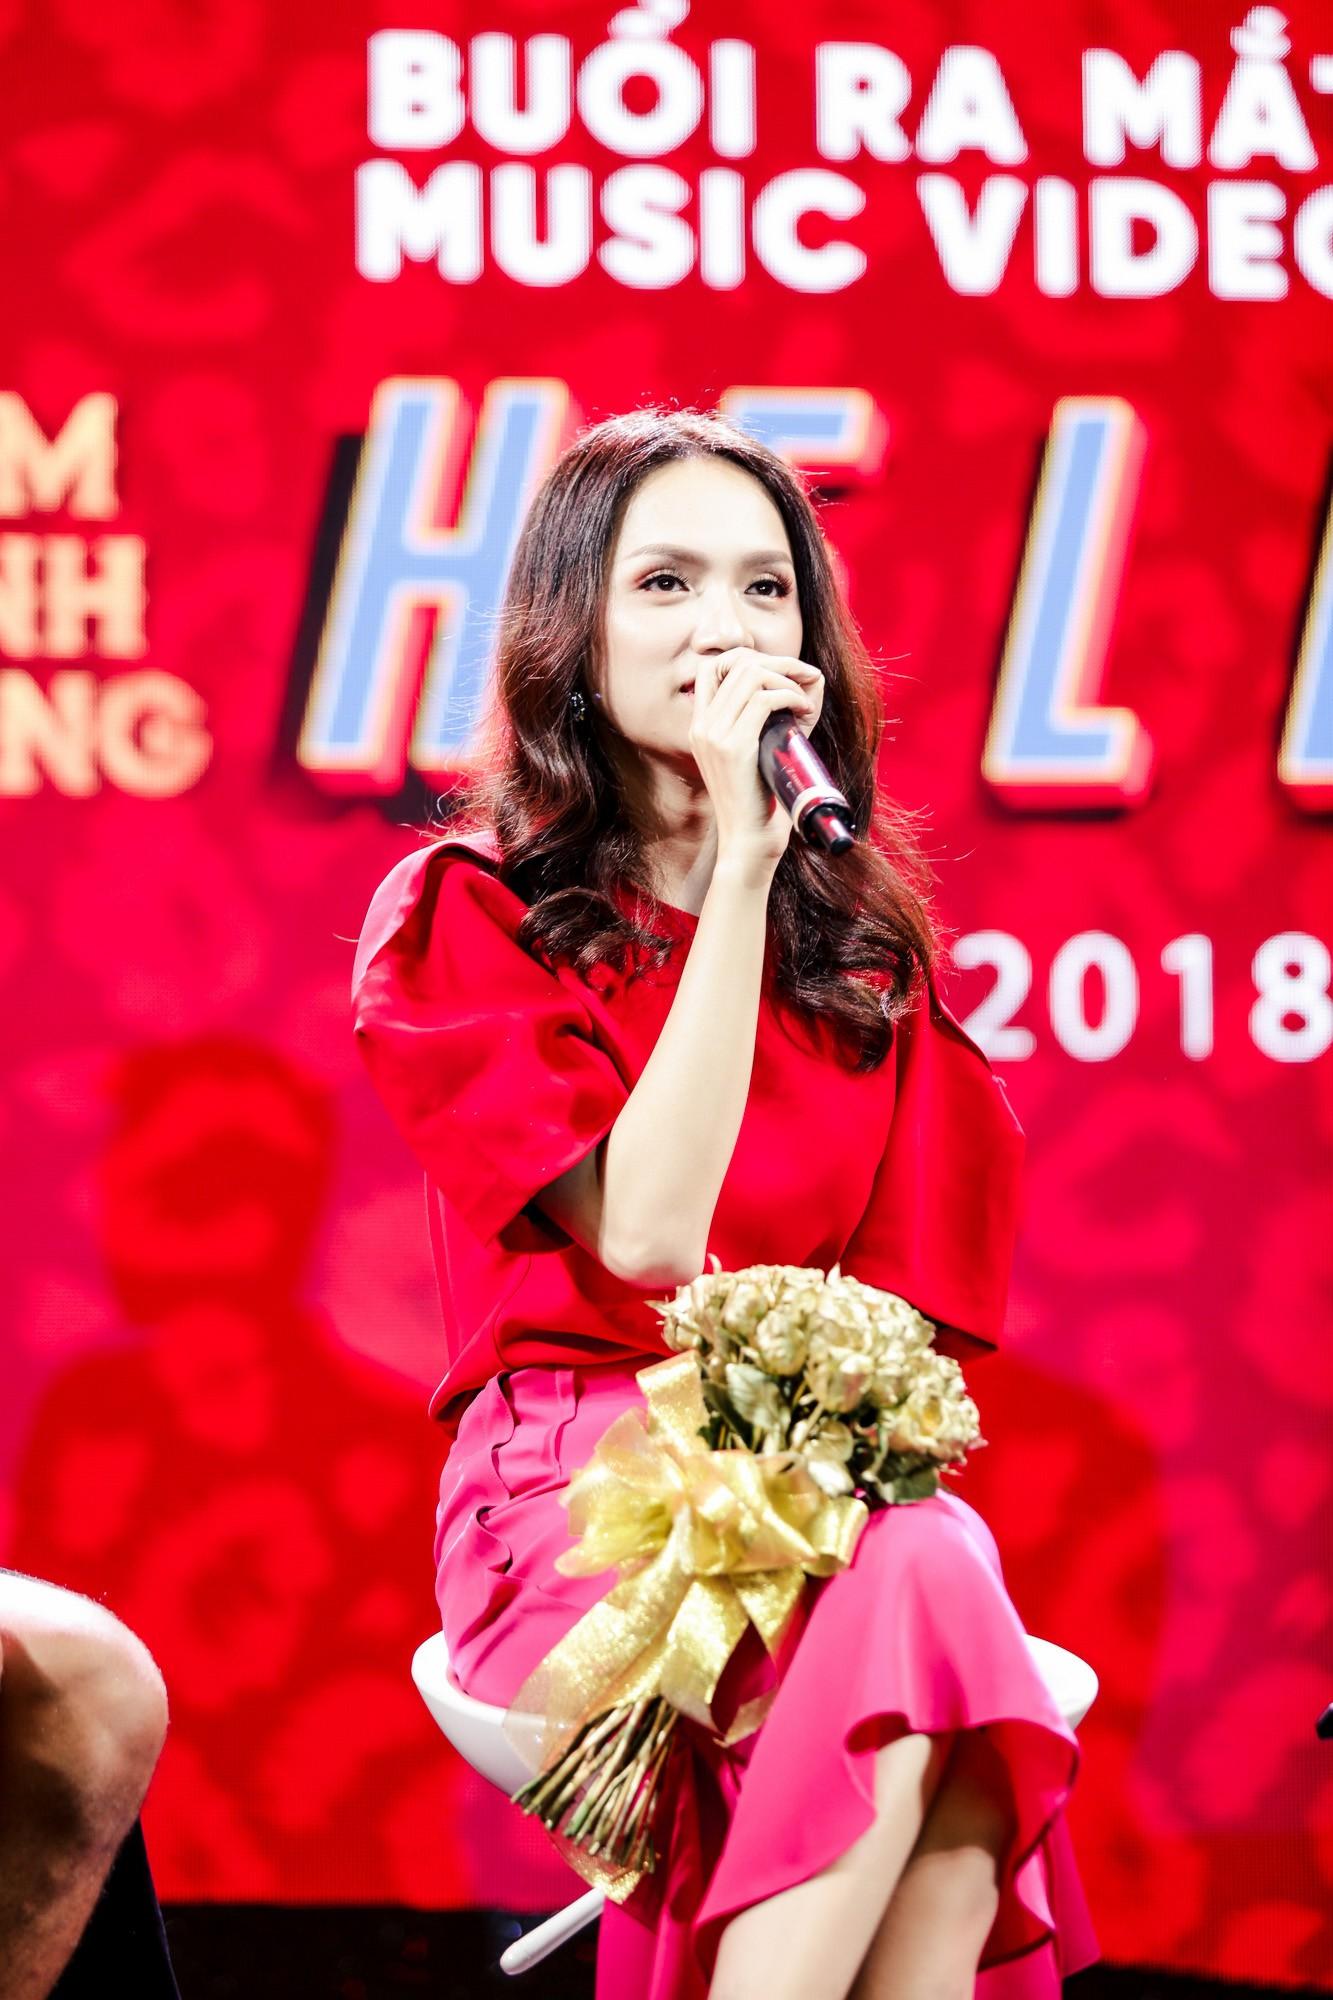 Đàm Vĩnh Hưng bất ngờ tiết lộ nụ hôn nồng cháy với Hoa hậu Hương Giang - Ảnh 4.